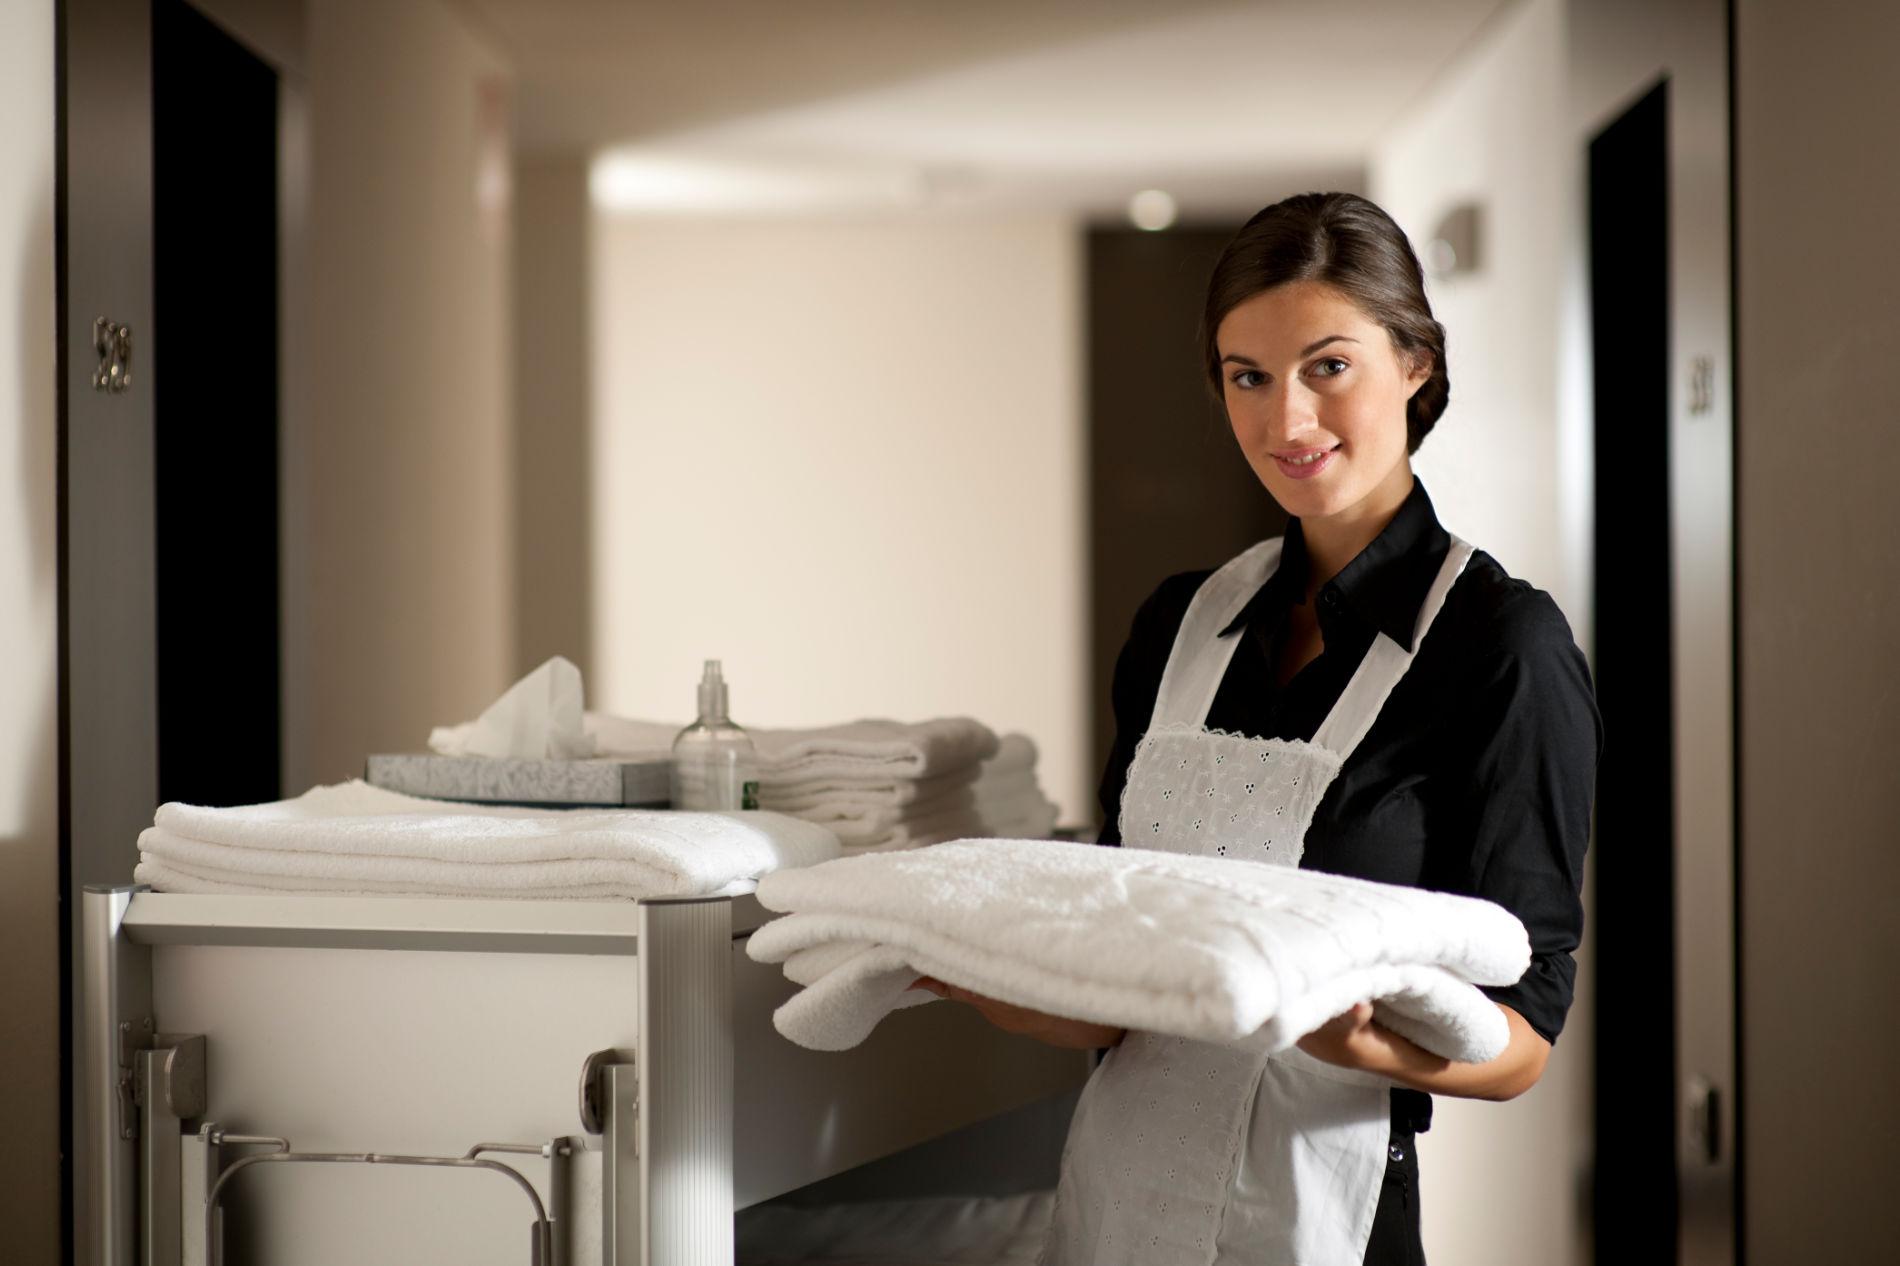 Housekeeeping in München - Gebäudereinigung München - Luna Glanz GmbH & Co KG - Facility Management München